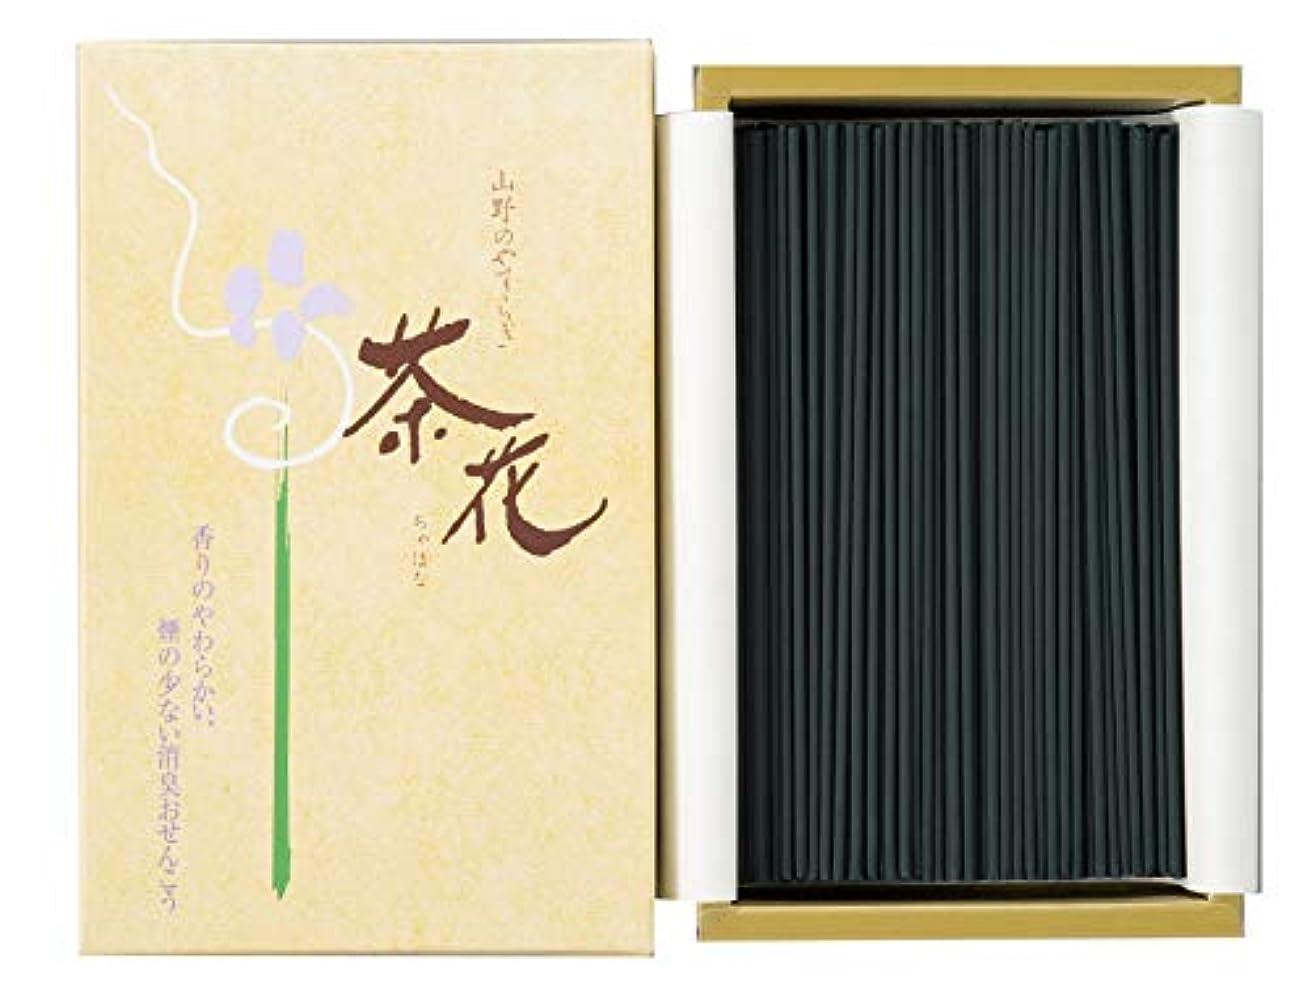 縫うマトンふざけた尚林堂 茶花少煙タイプ 短寸 大型バラ詰 159120-1000